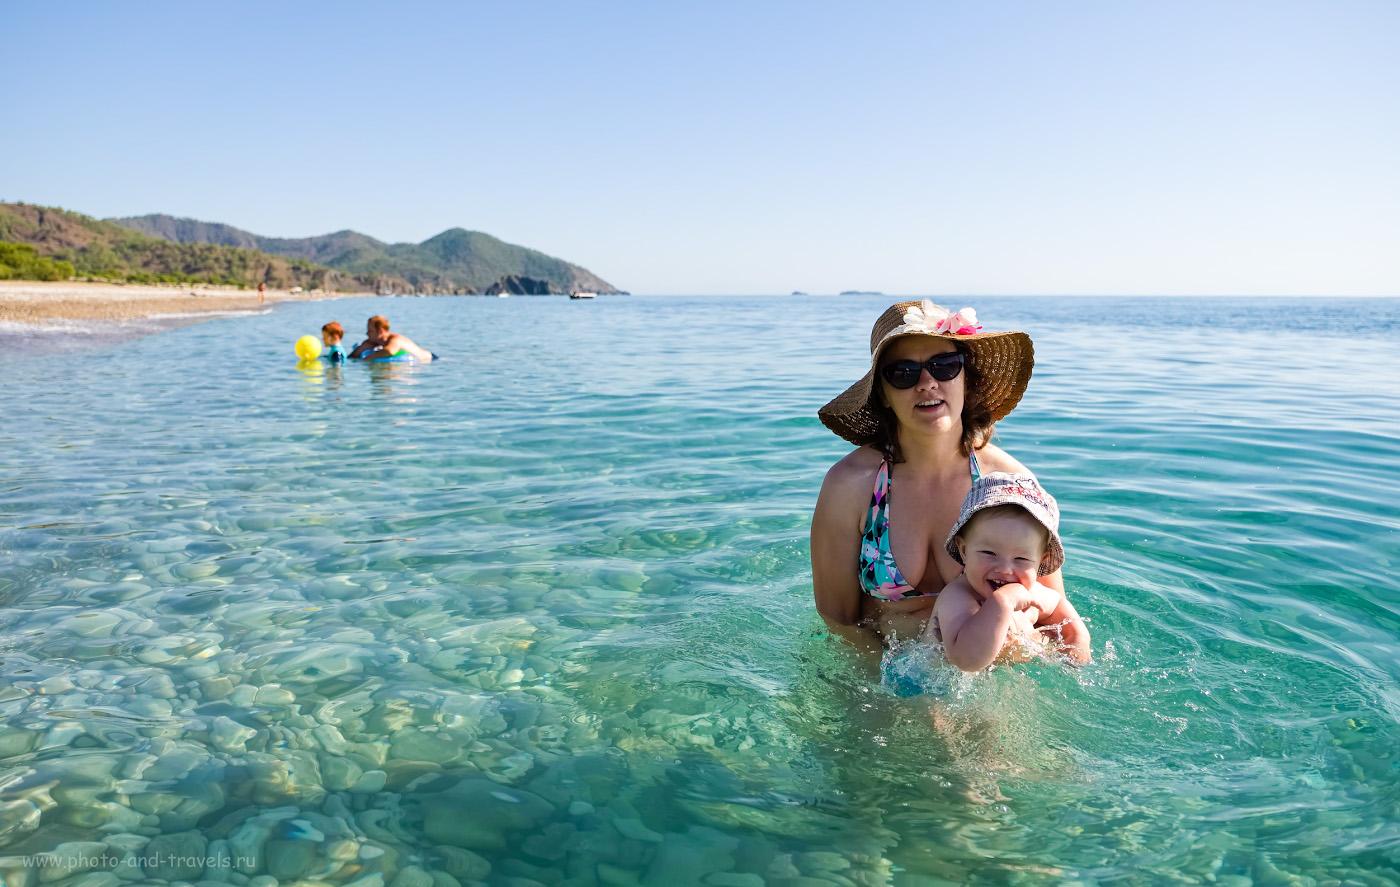 Снимок 20. Отдых с ребенком на море в поселке Чиралы в районе Кемера. Вы видите участок пляжа длиной километра полтора. На нем – 3 человека… 1/1700, 2.8, 200, +1.0, 17.